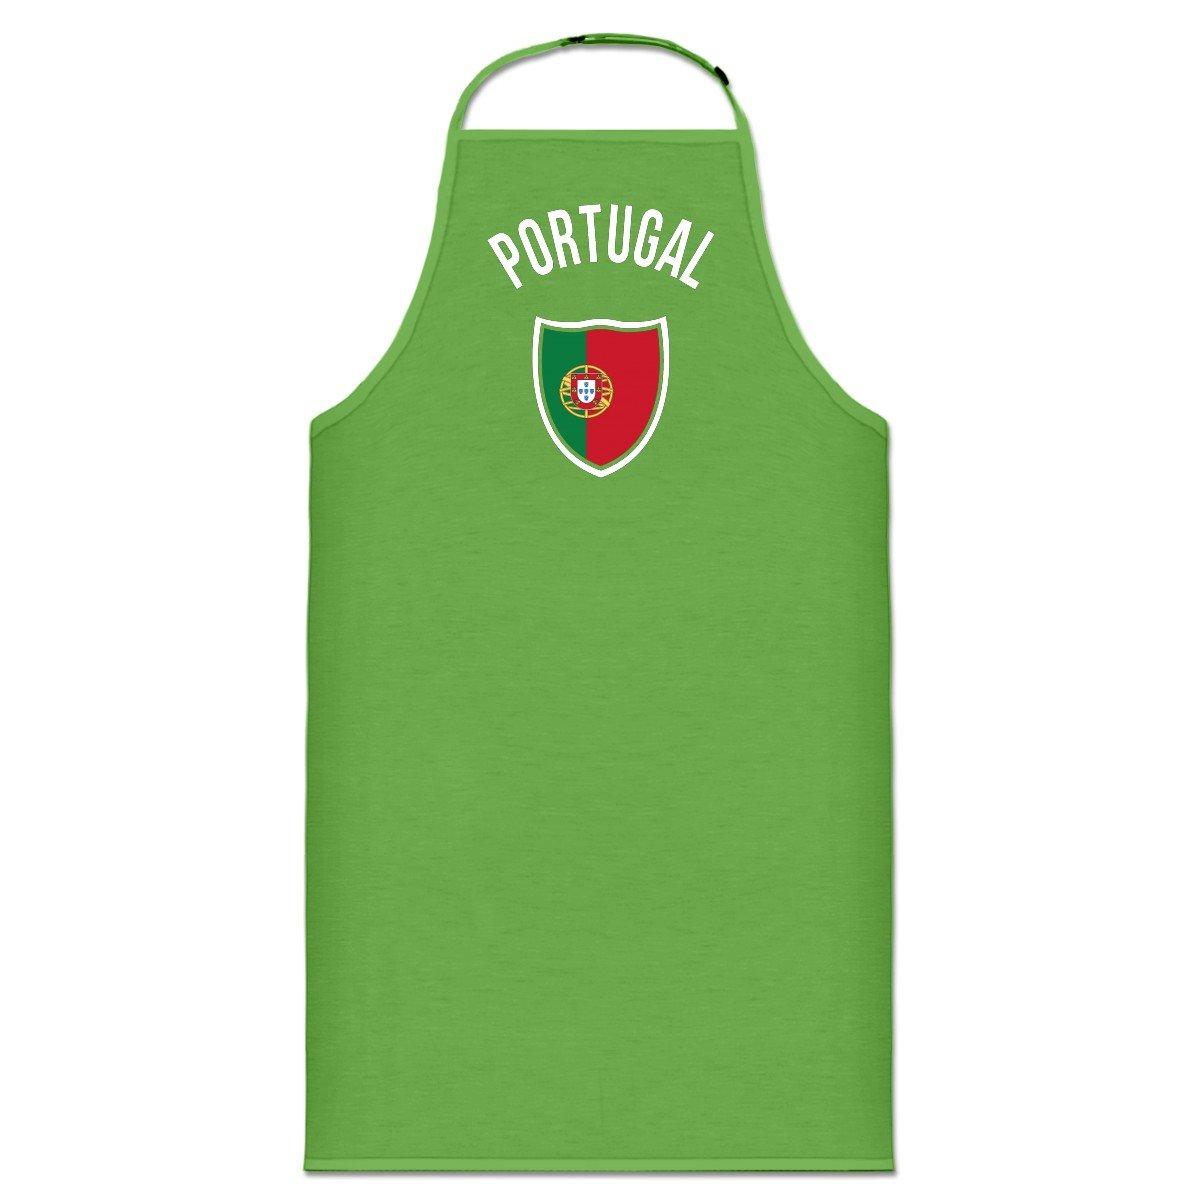 Delantal de cocina Portugal Fan by Shirtcity: Amazon.es: Ropa y accesorios